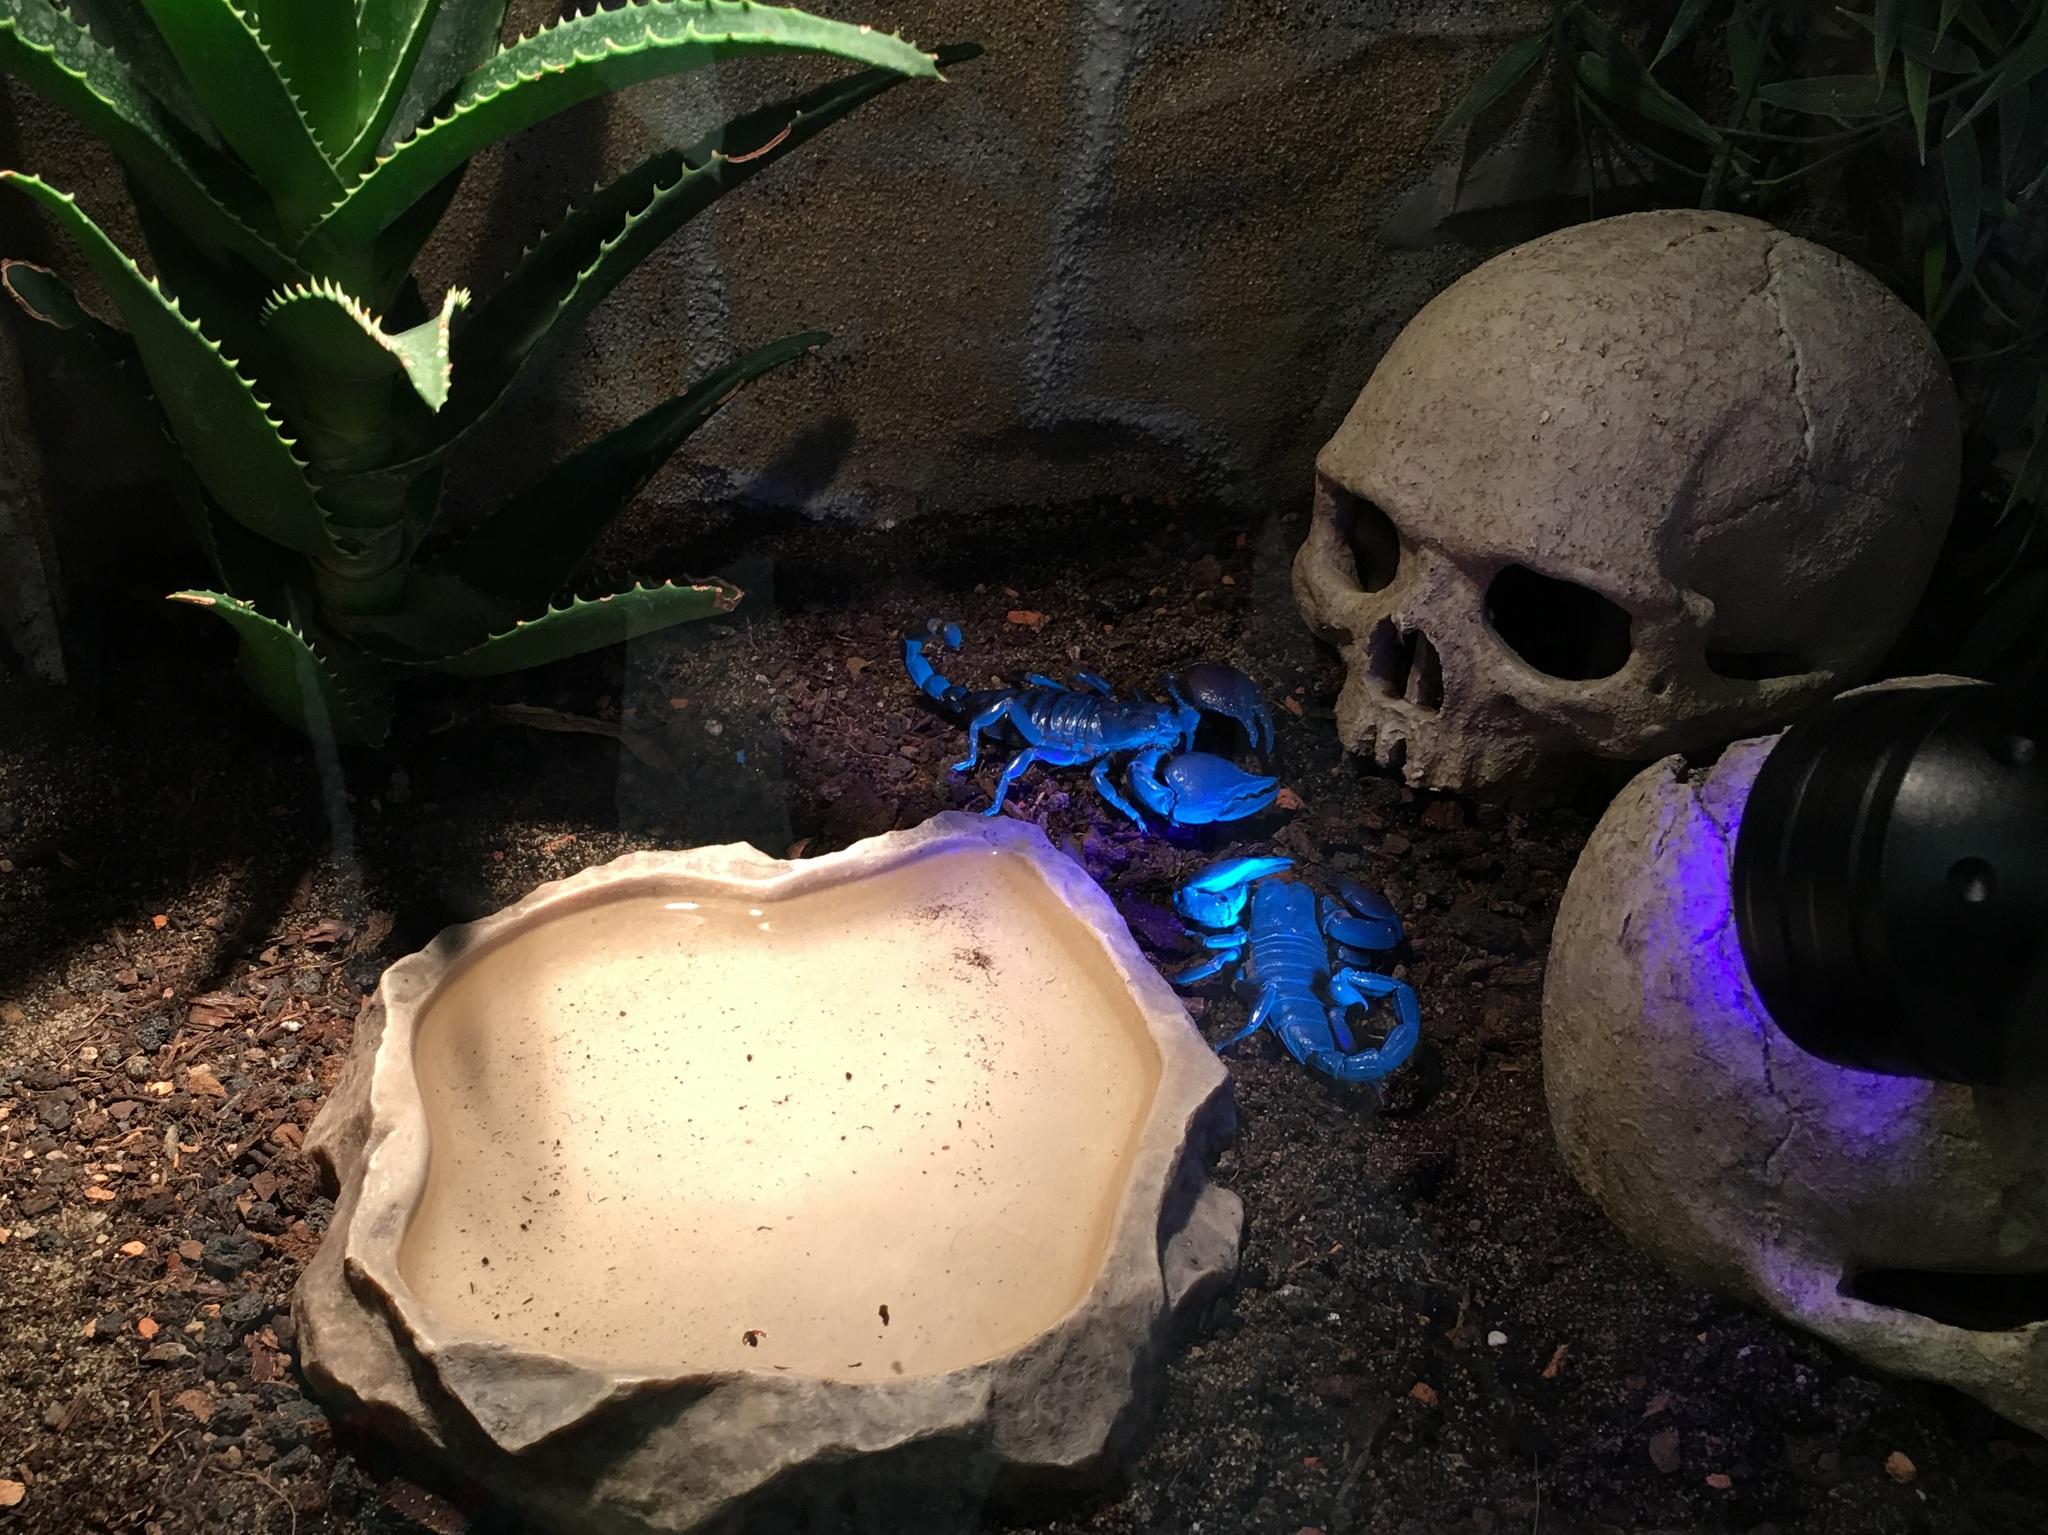 Riesen-Skorpione unter UV-Licht